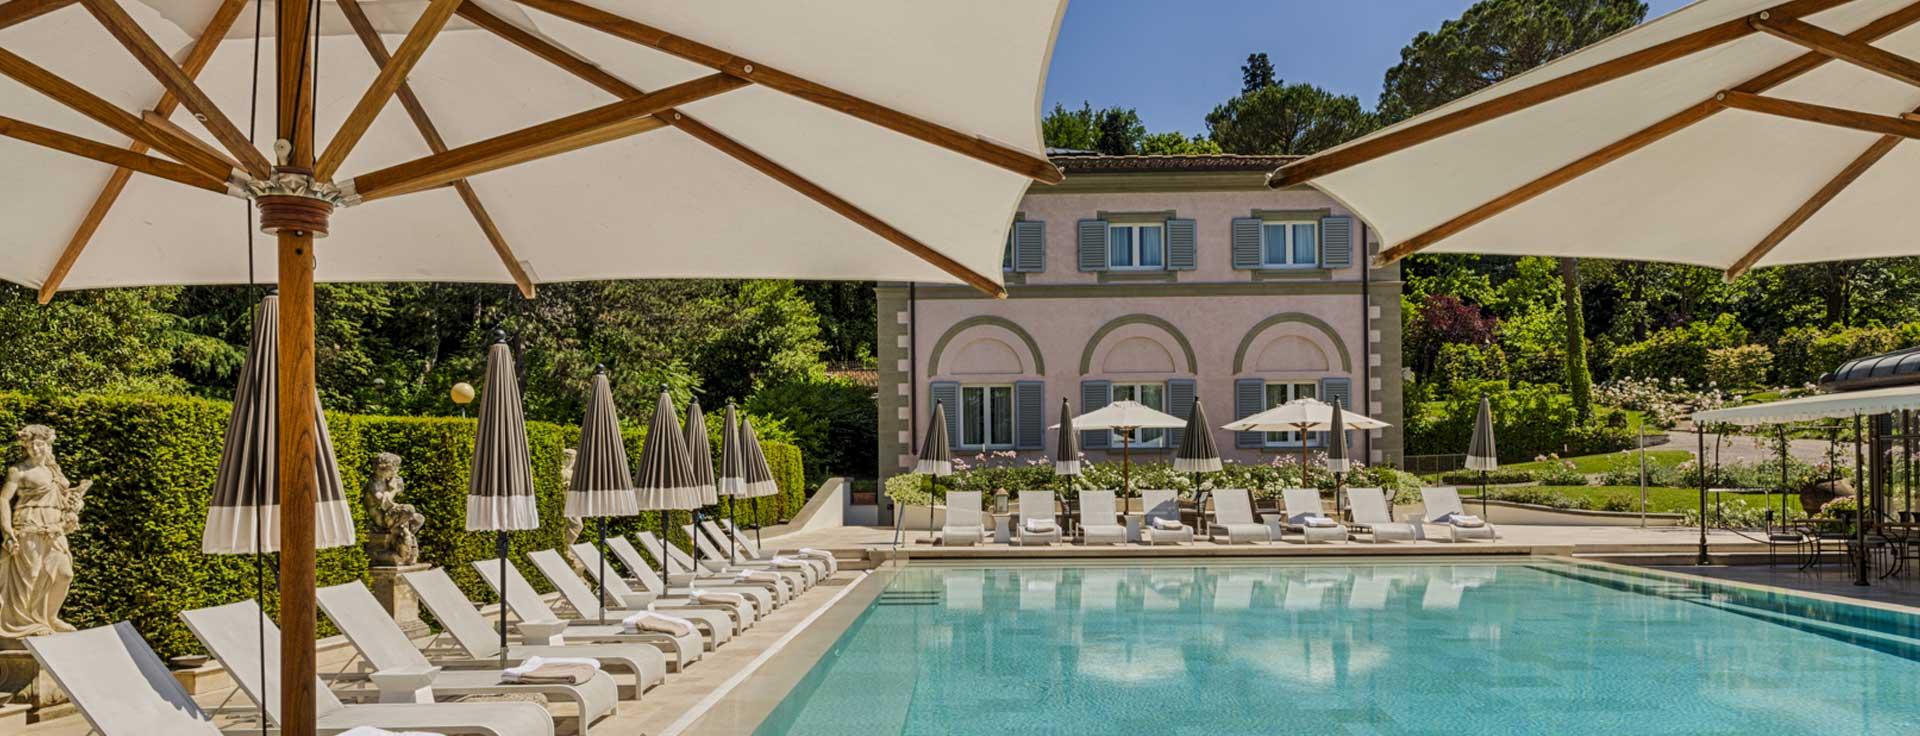 Hotel Villa Cora sito ufficiale  Dimora Storica Toscana Firenze  Hotel 5 stelle lusso Firenze